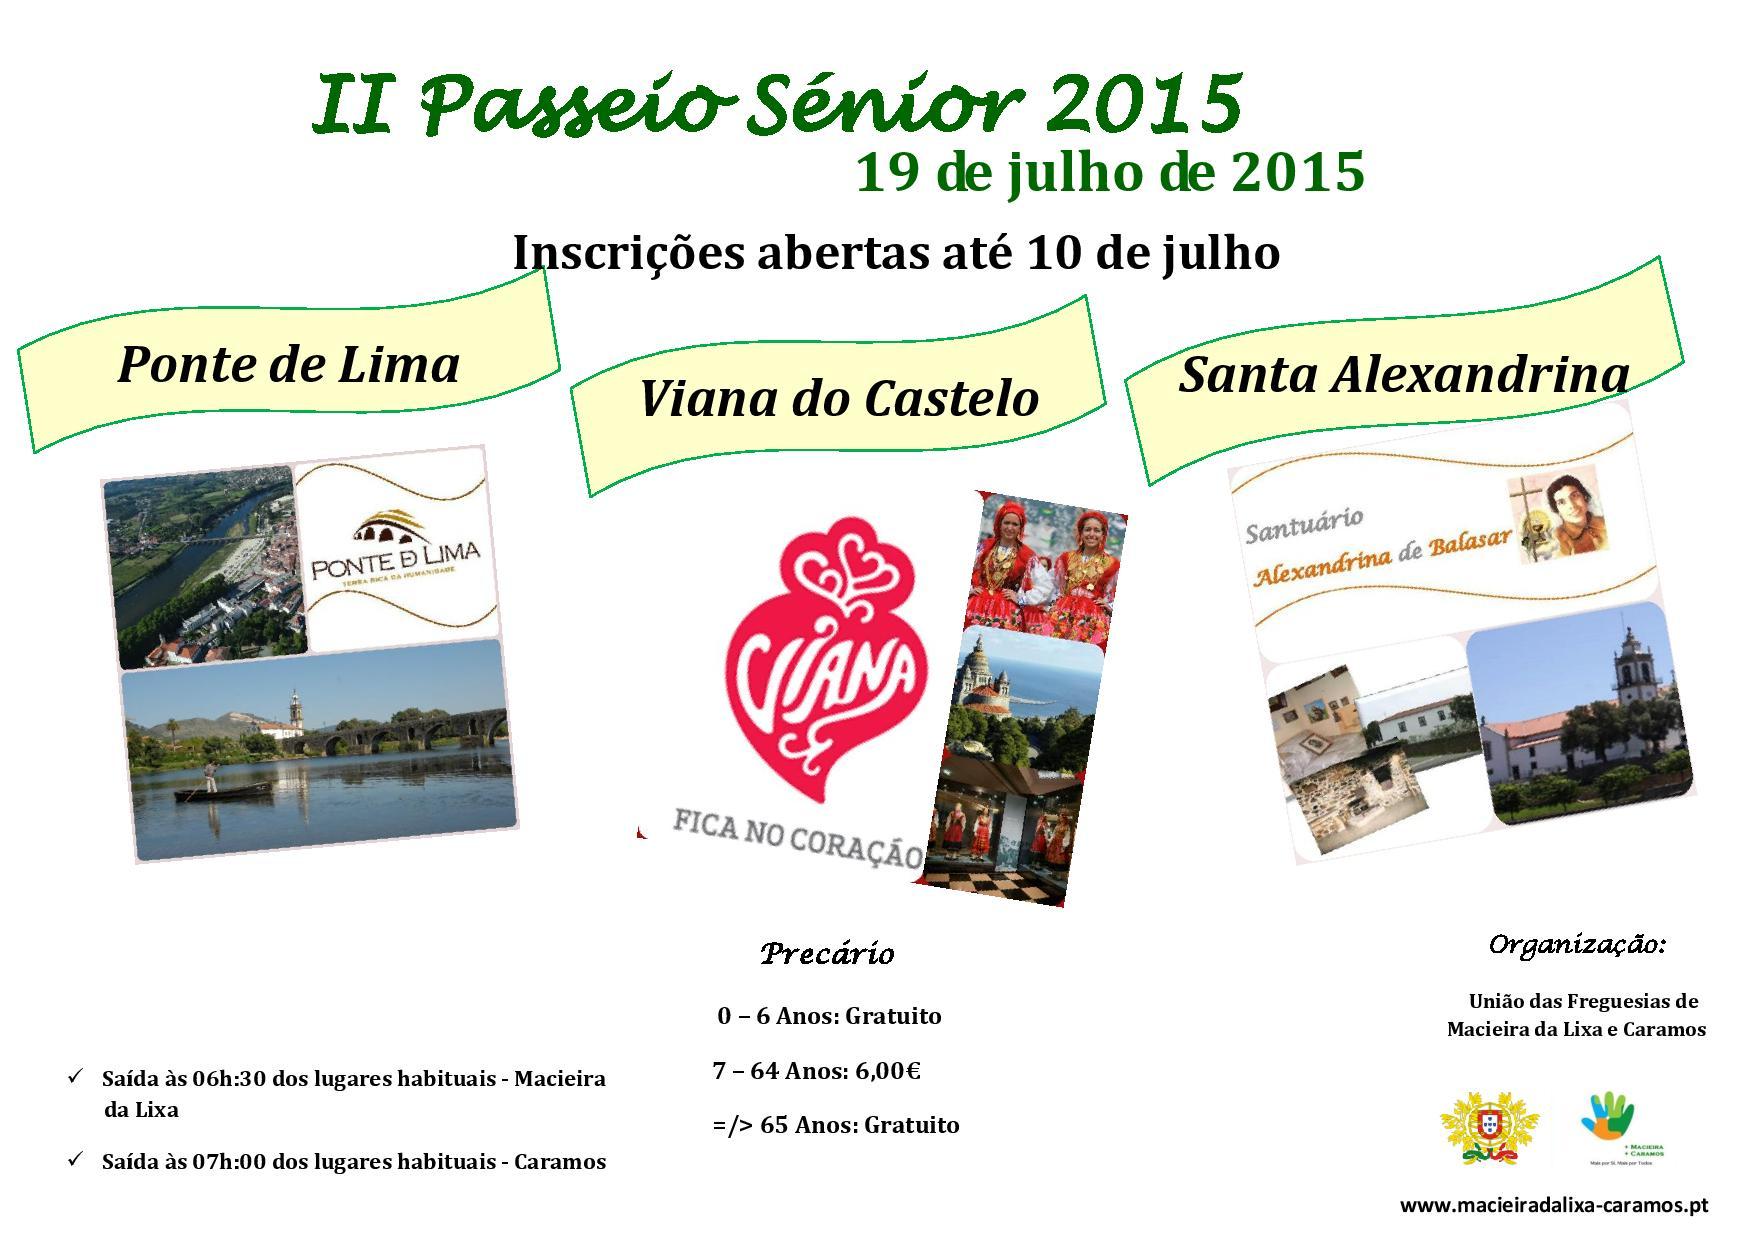 Passeio Sénior_2015 - Macieira e Caramos_atualizado-page-001